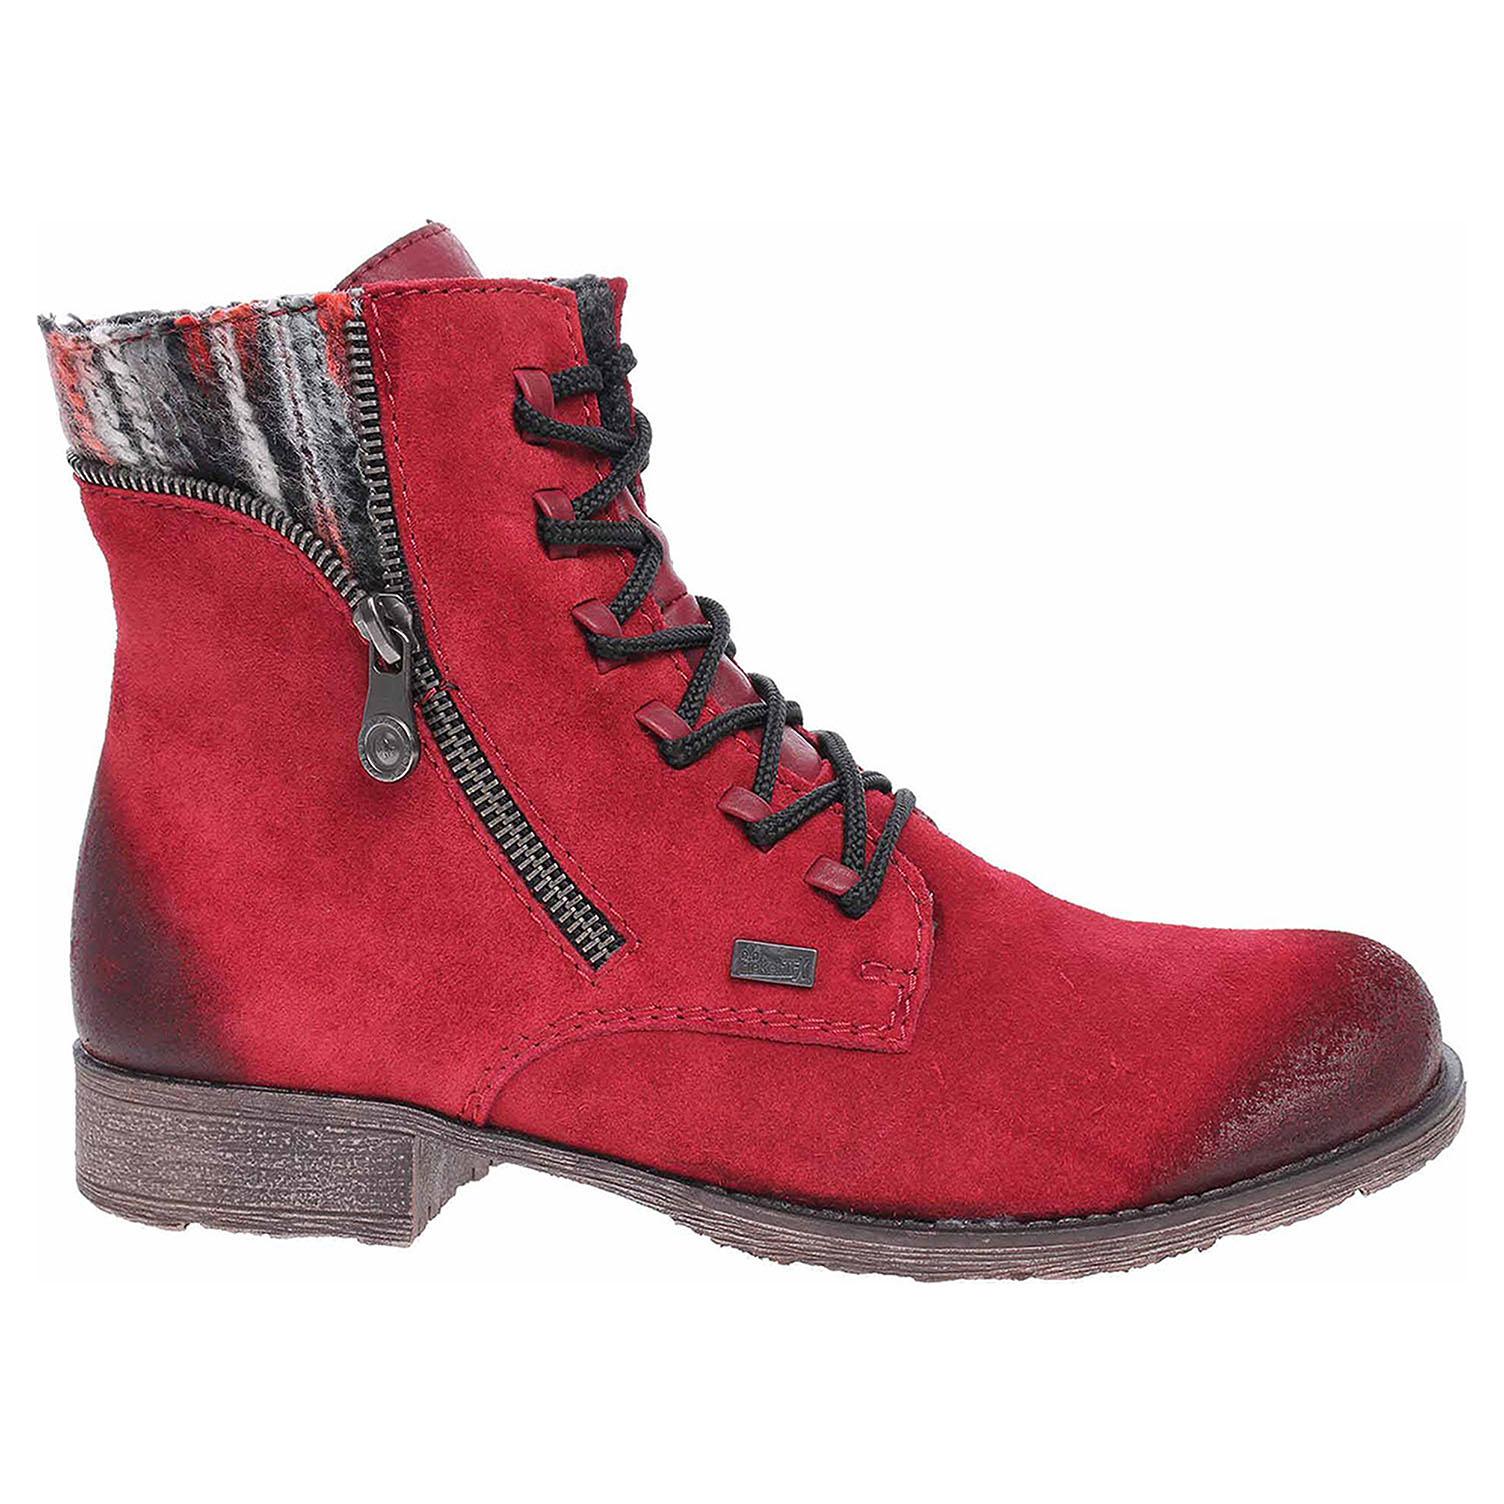 Dámská kotníková obuv Rieker 70840-35 rot 70840-35 39